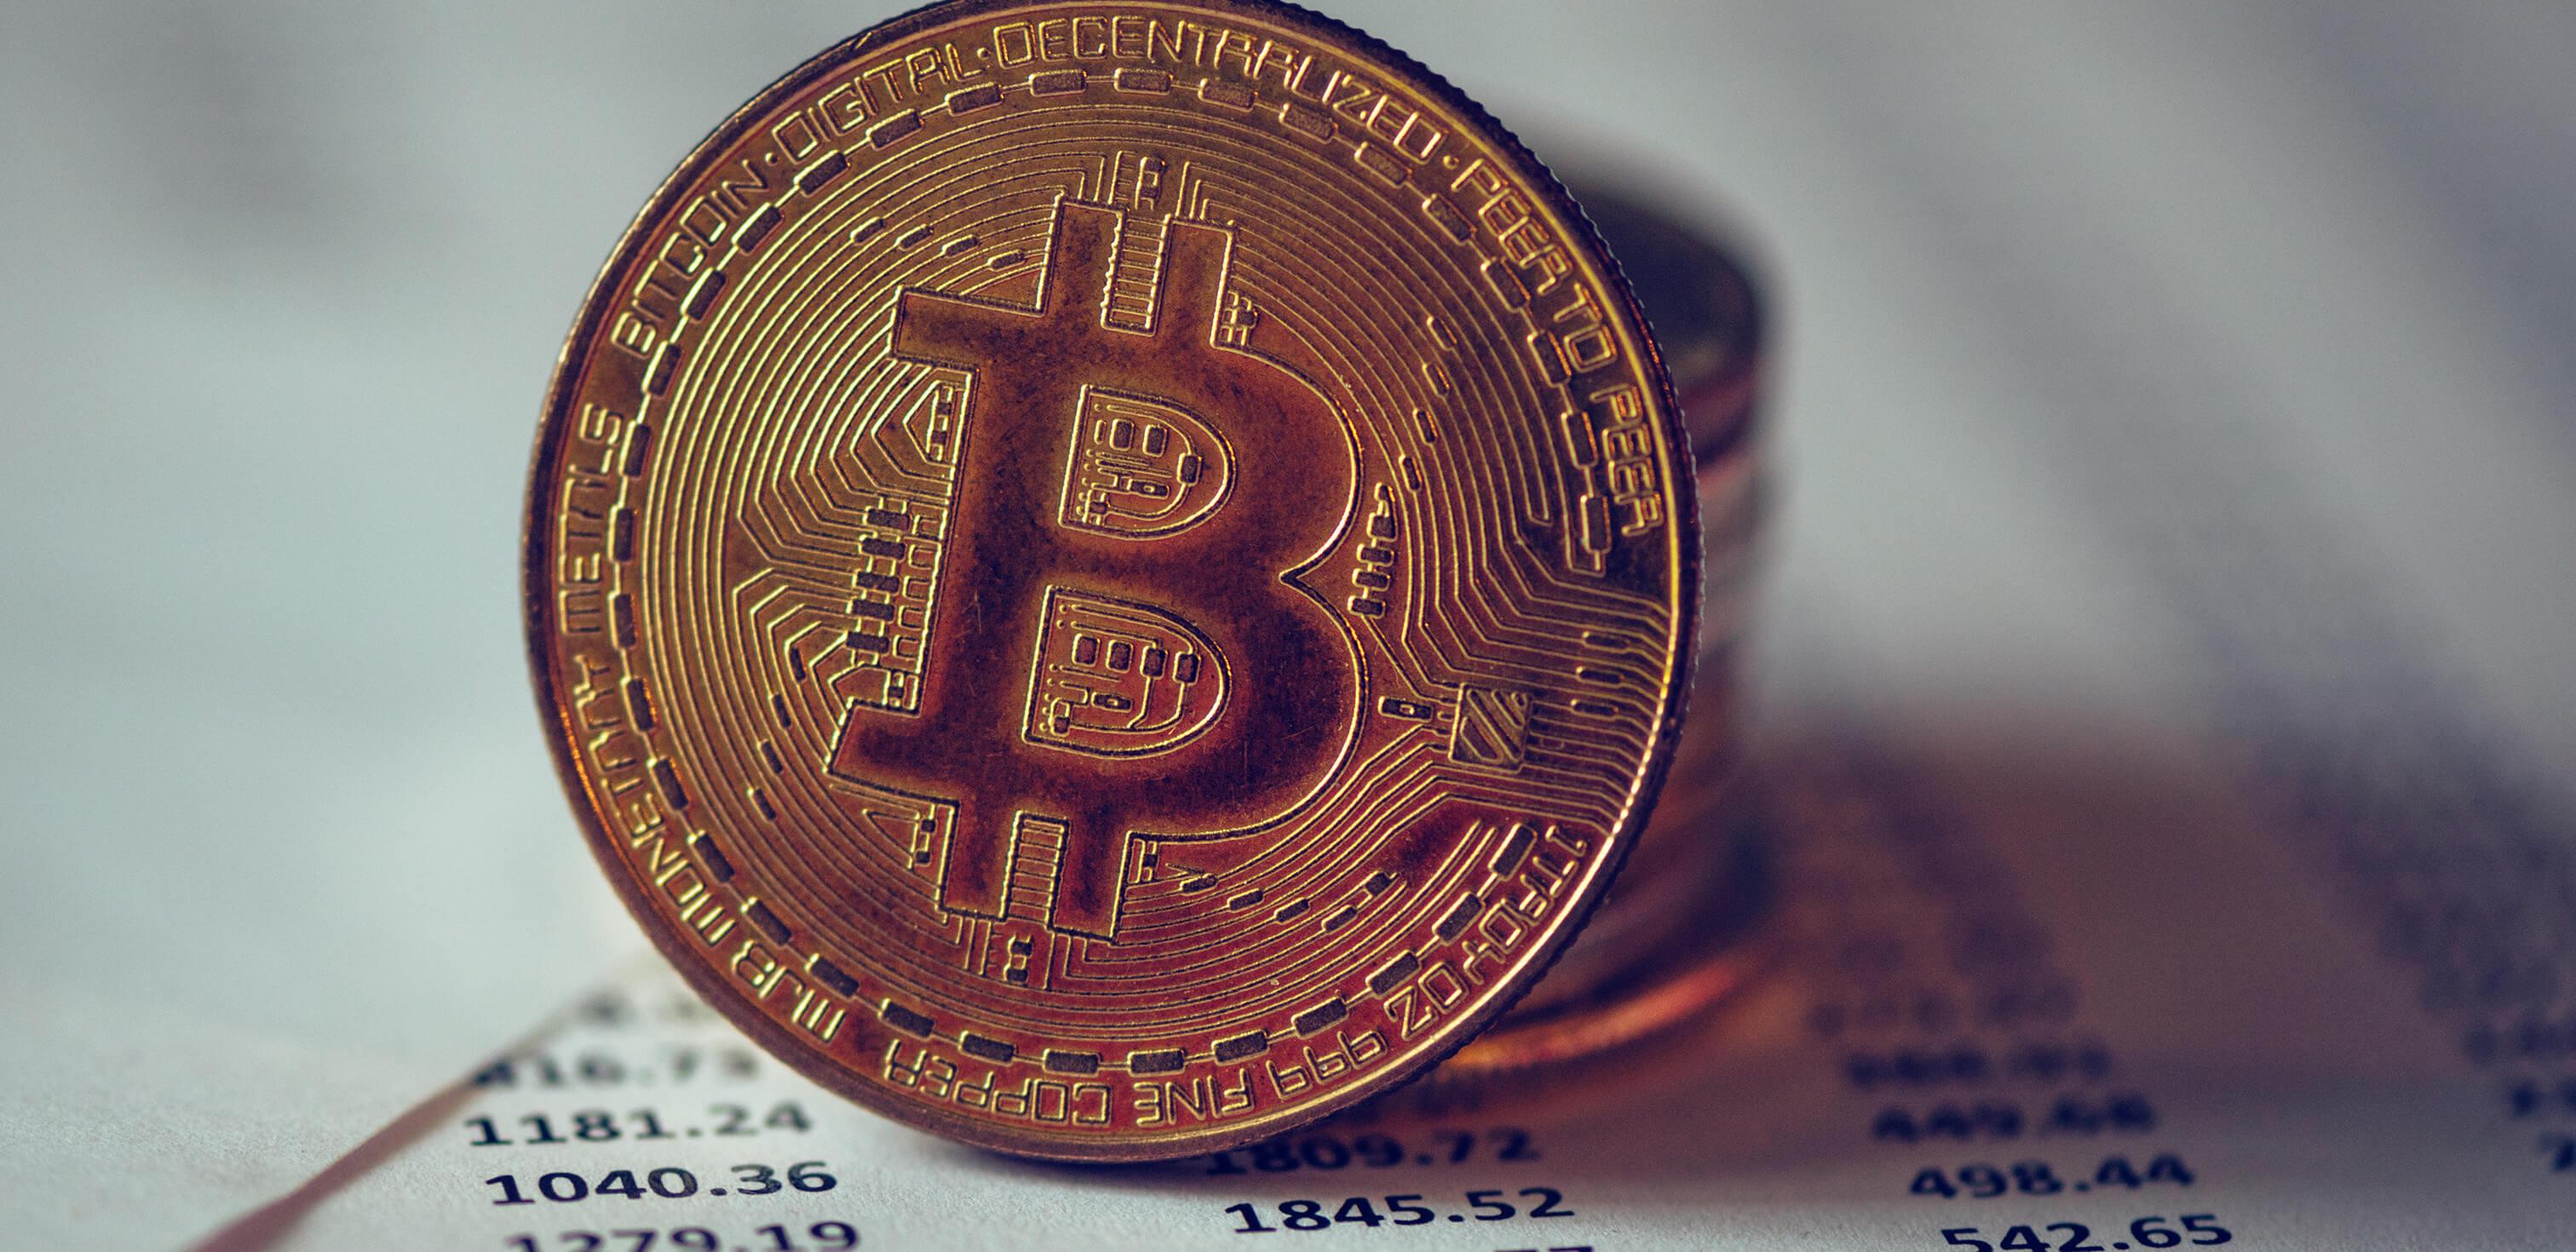 Redação sobre moedas virtuais: fotografia de uma moeda com o símbolo da Bitcoin sobre uma folha com diversos números.